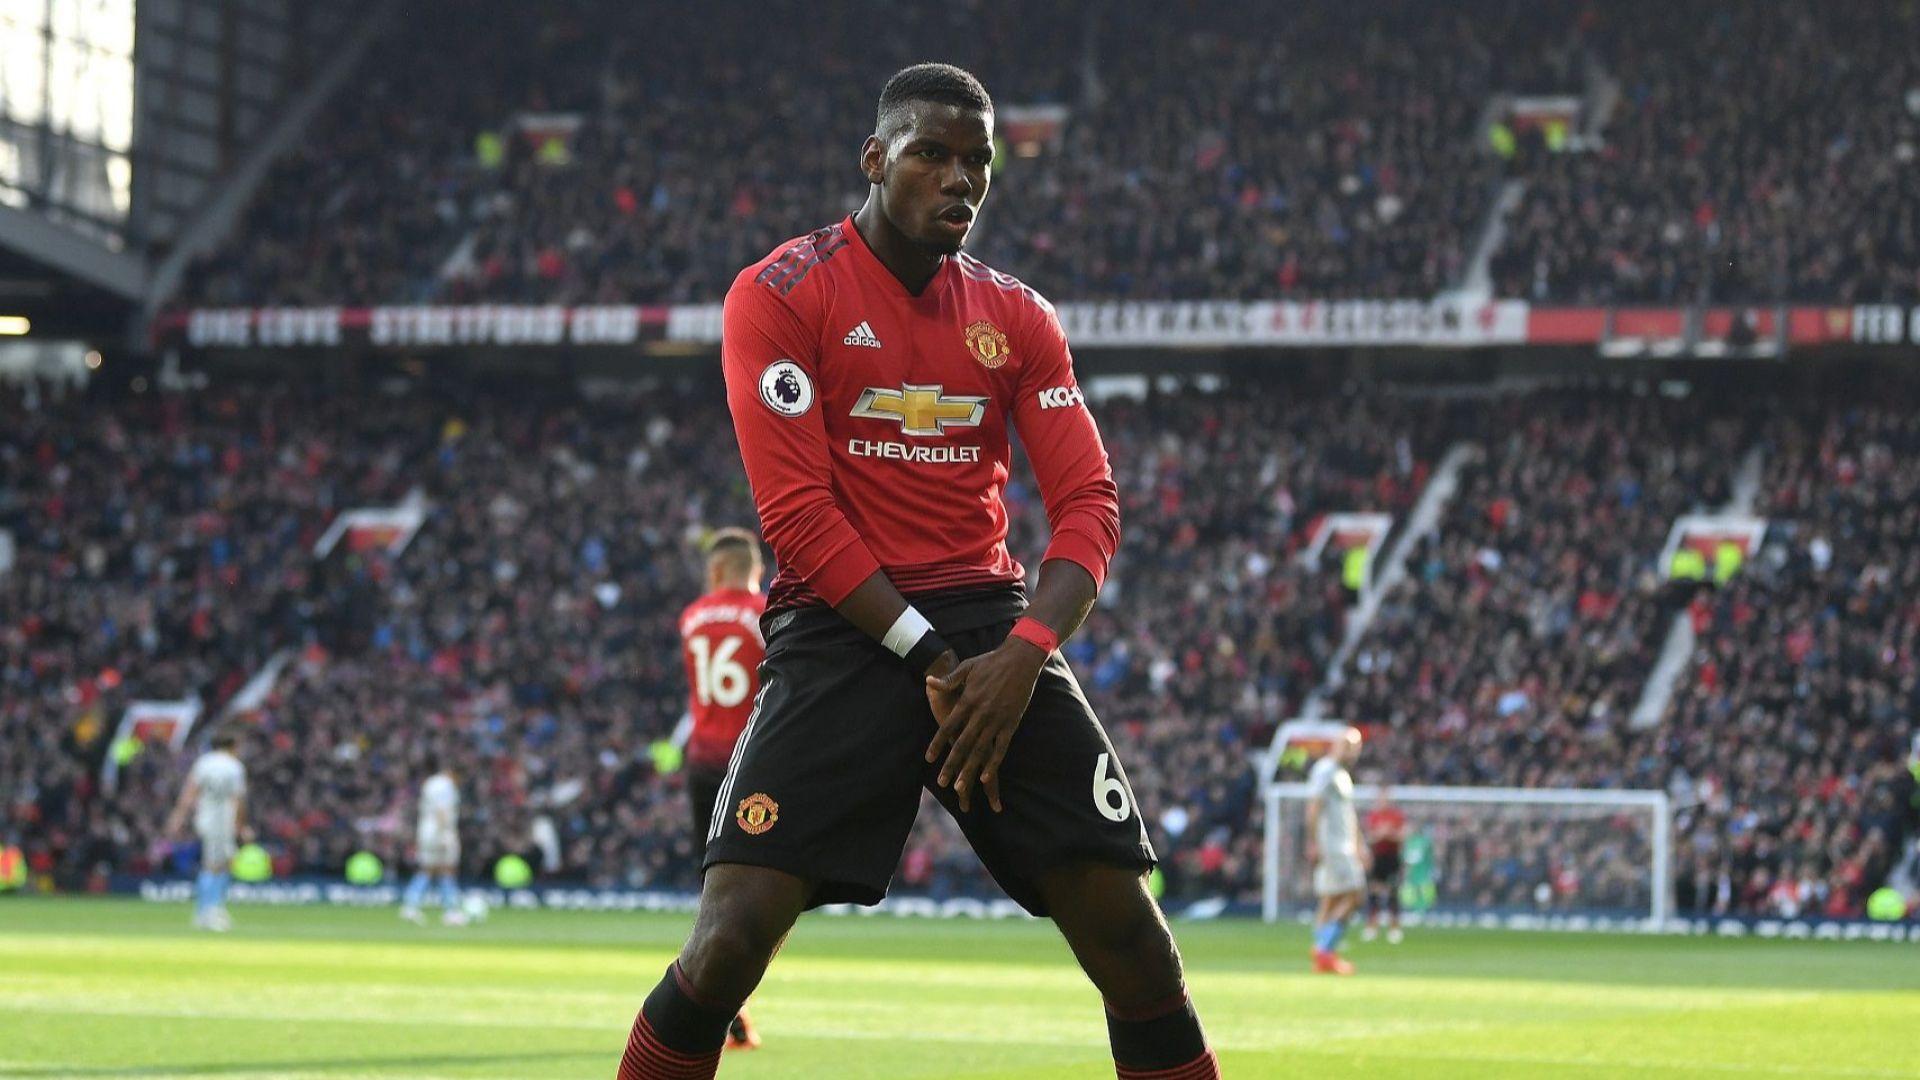 Юнайтед вече не храни илюзии около Погба - трансферът е неизбежен